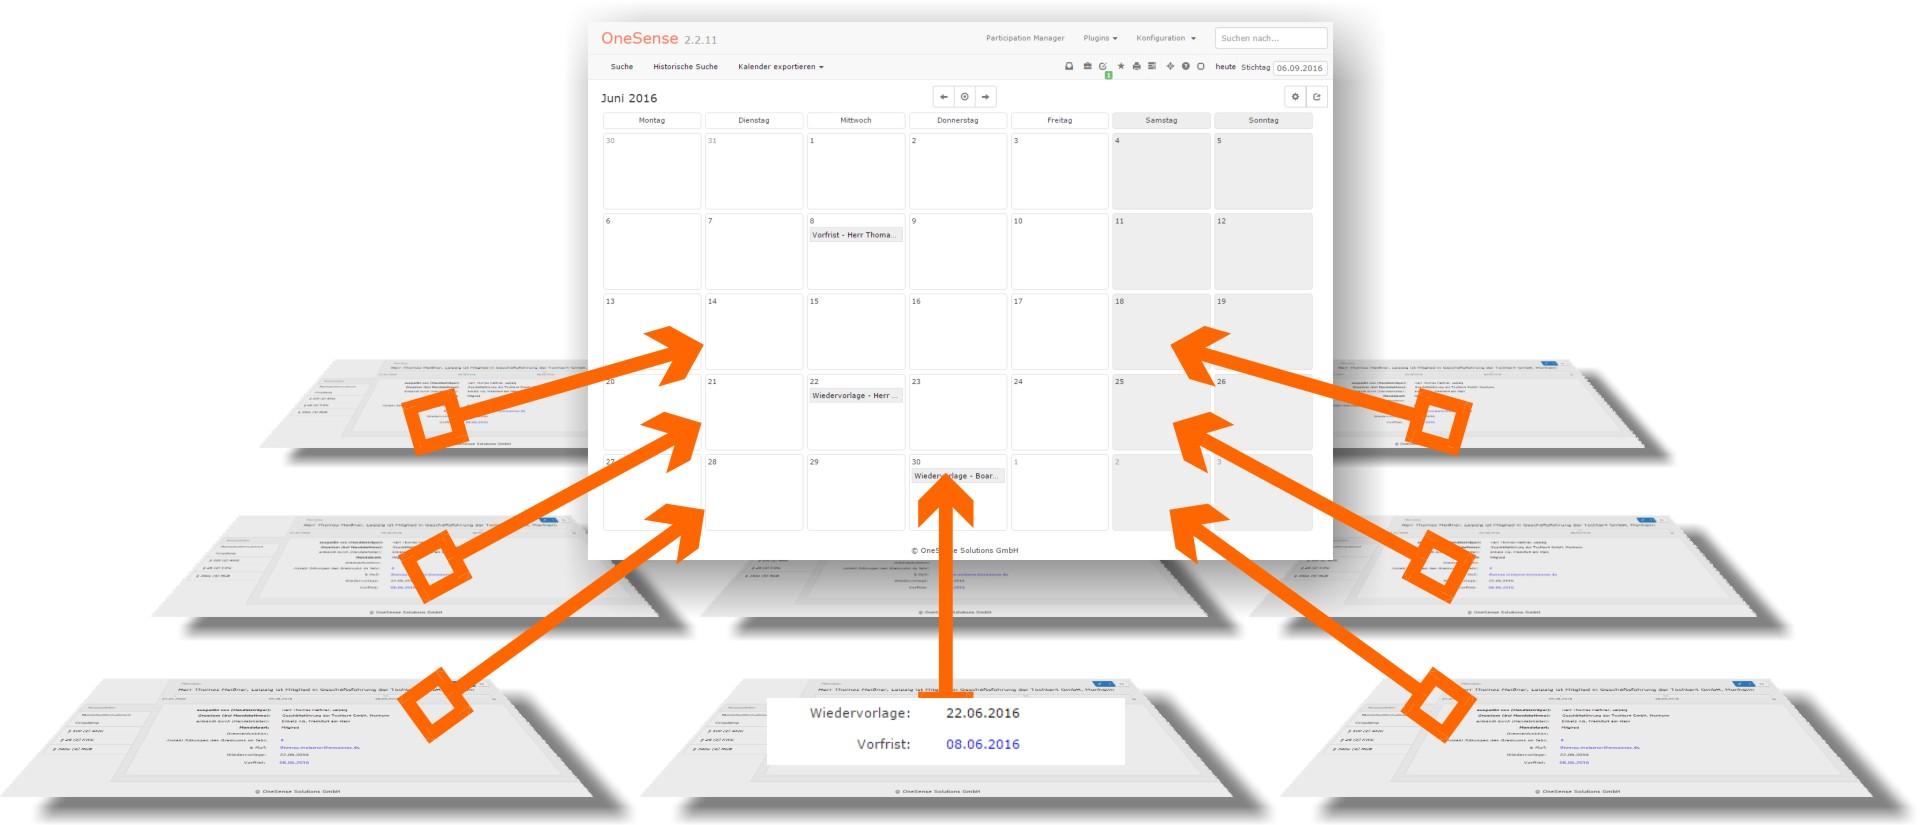 Wiedervorlagen mit automatischer Berechnung einer Vorfrist gehen in den Wiedervorlagen-Kalender von OneSense ein